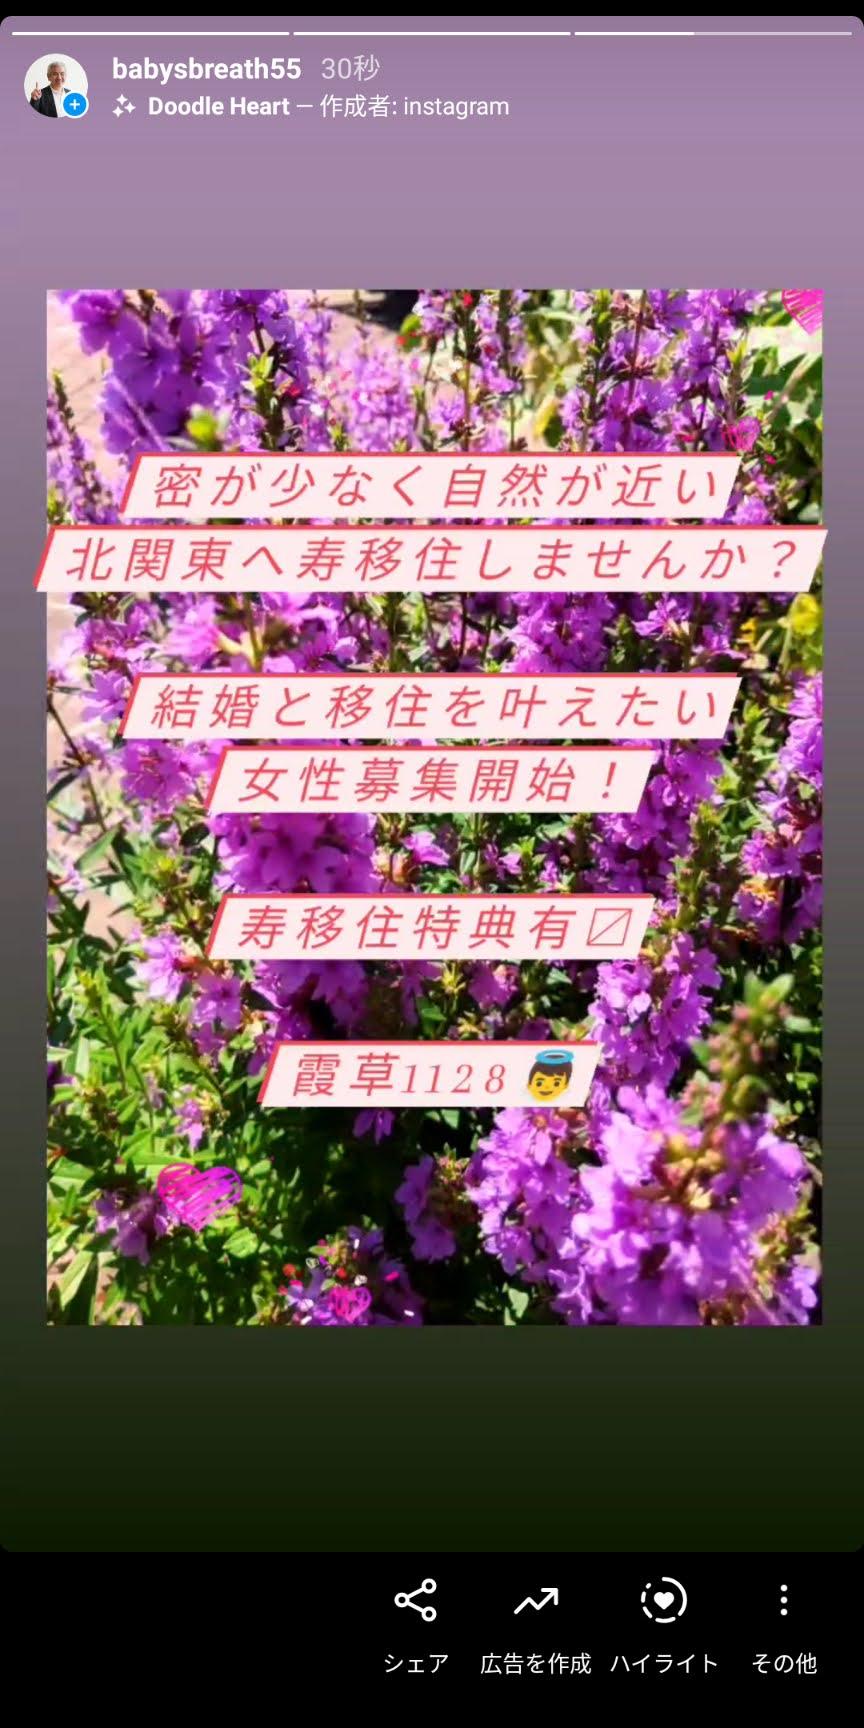 Screenshot_20210806-082616.jpg